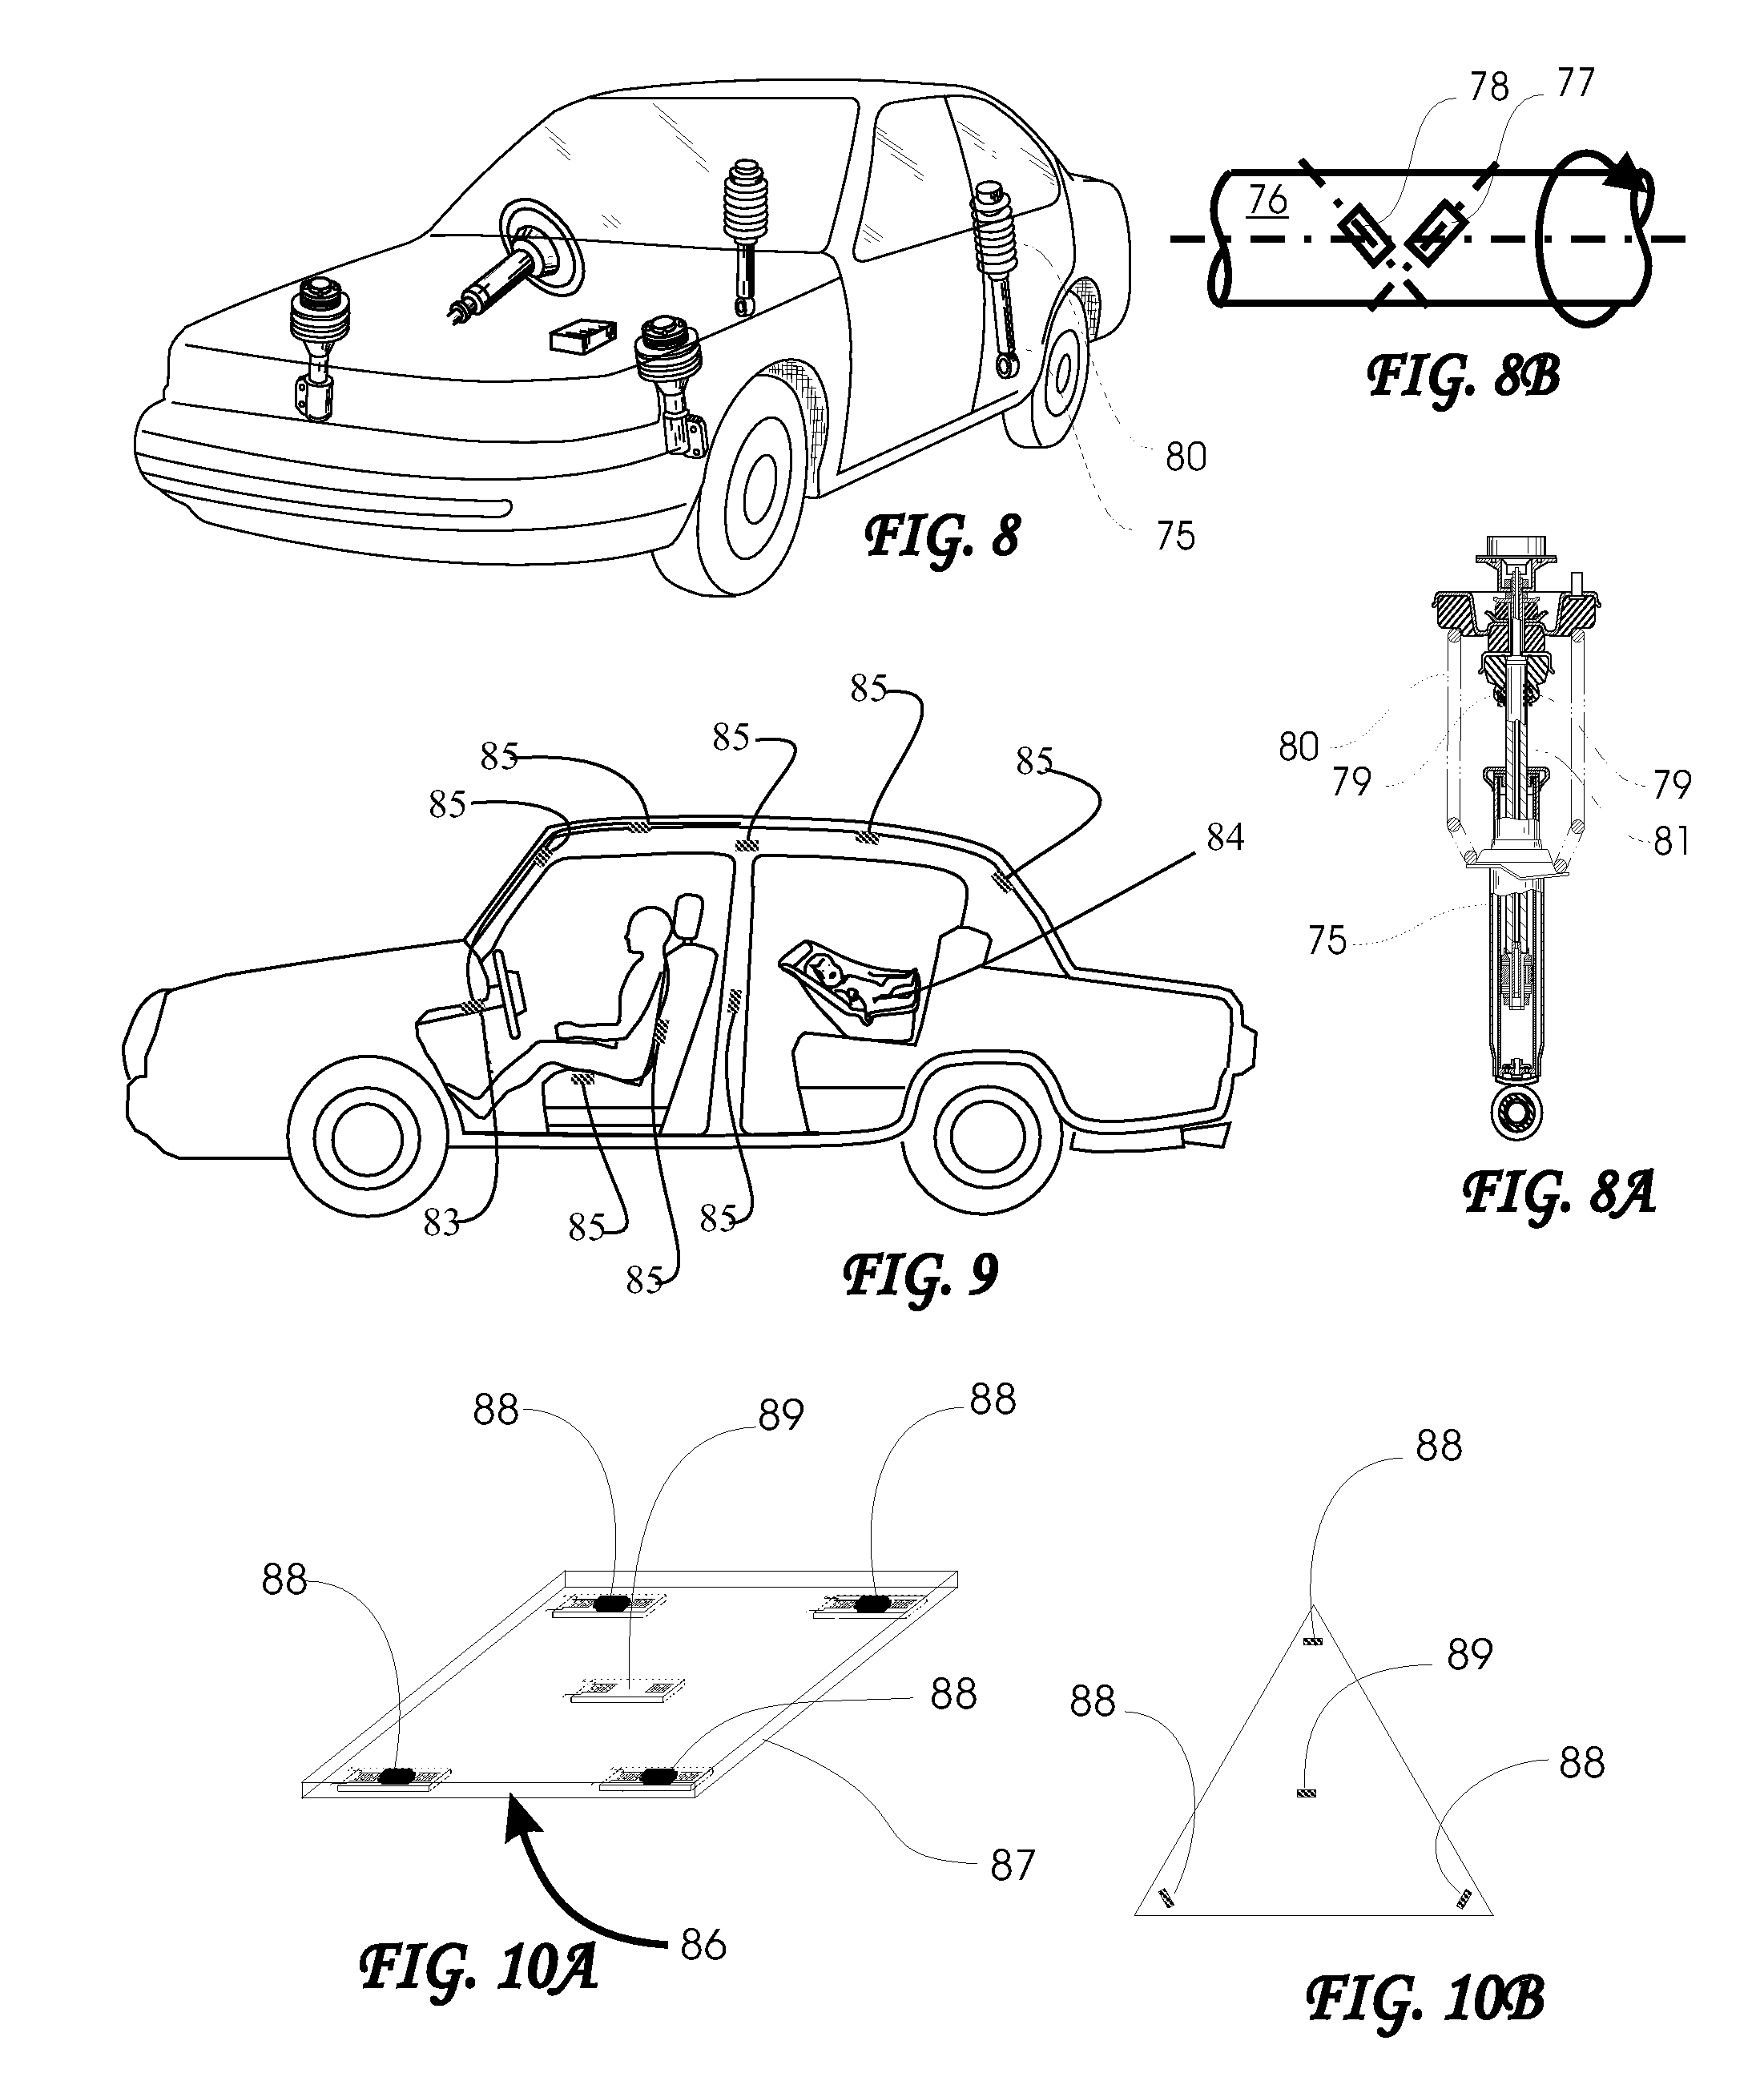 Patent Us 9443358 B2 Ford Edge Keypad Wiring Diagram